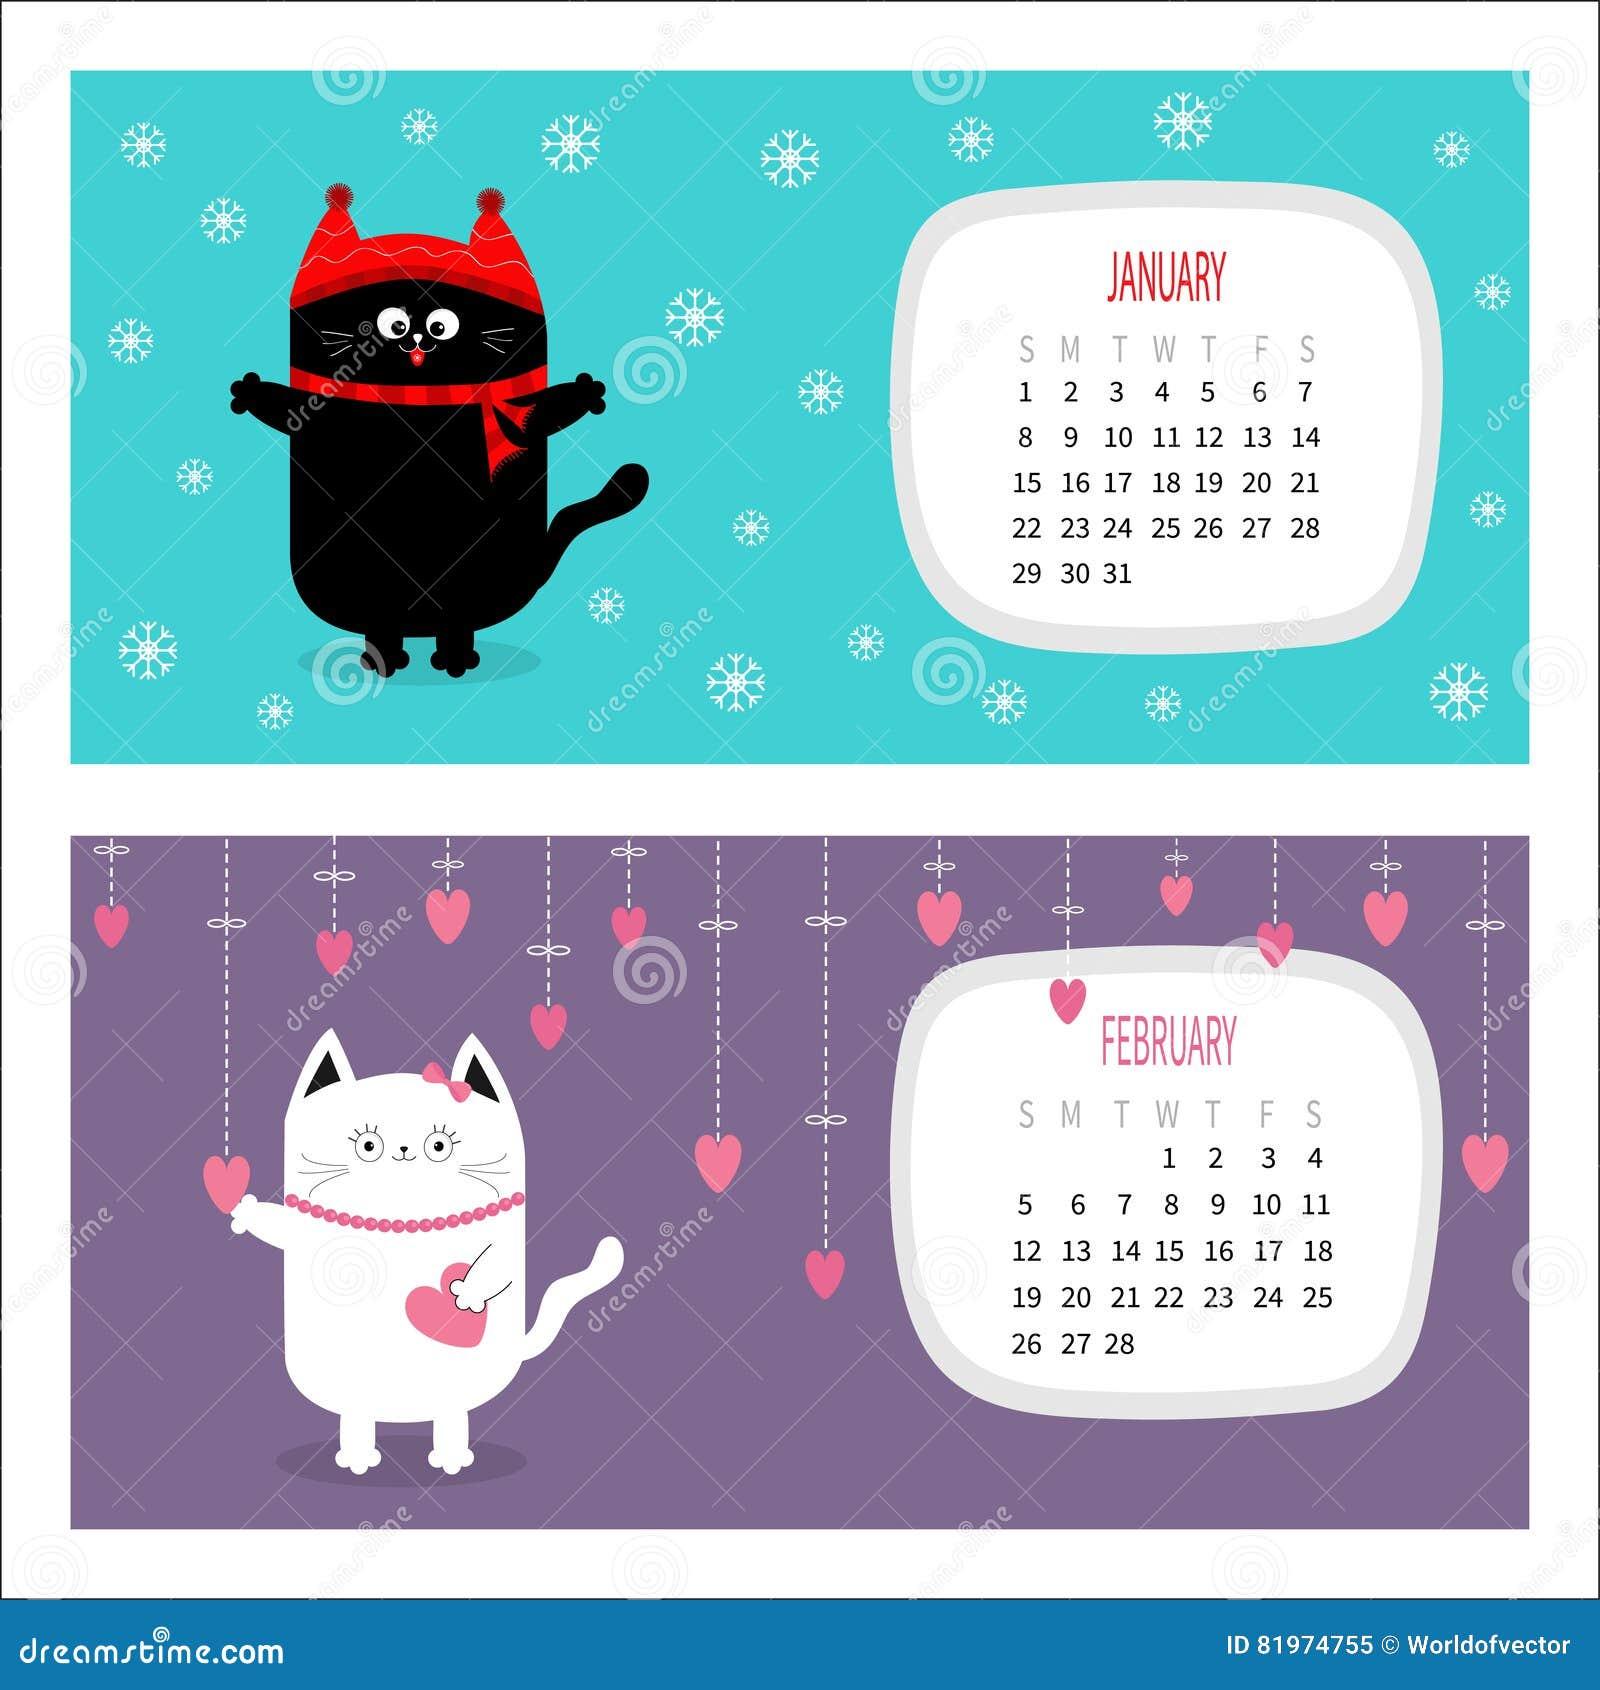 Cat Calendar 2017 Horizontal Cute Funny Cartoon Character